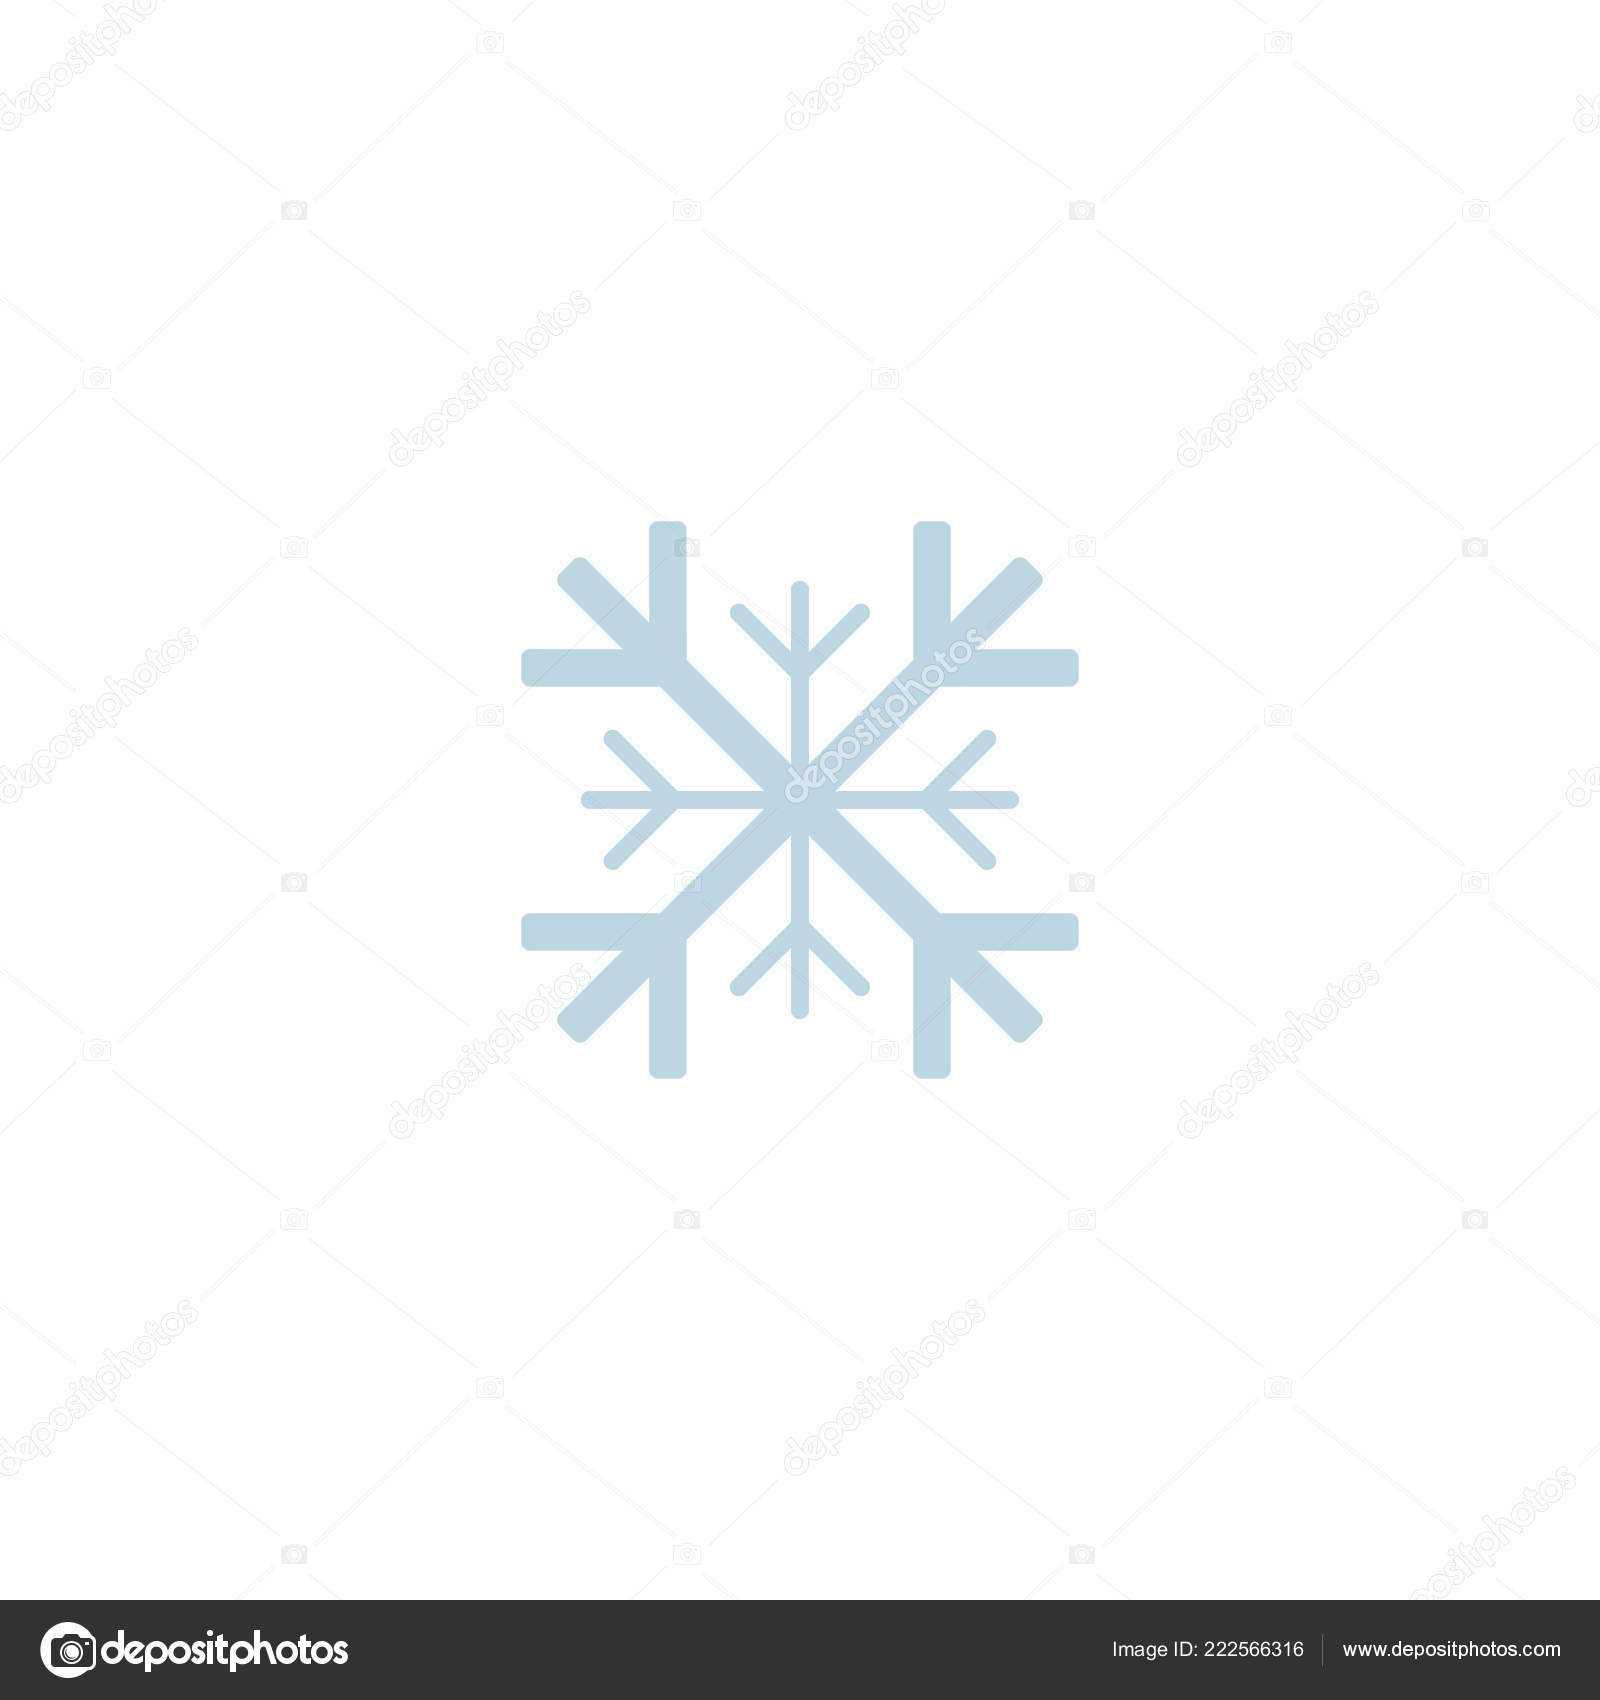 Blank Snowflake Template | Snowflake Icon Template Christmas Throughout Blank Snowflake Template